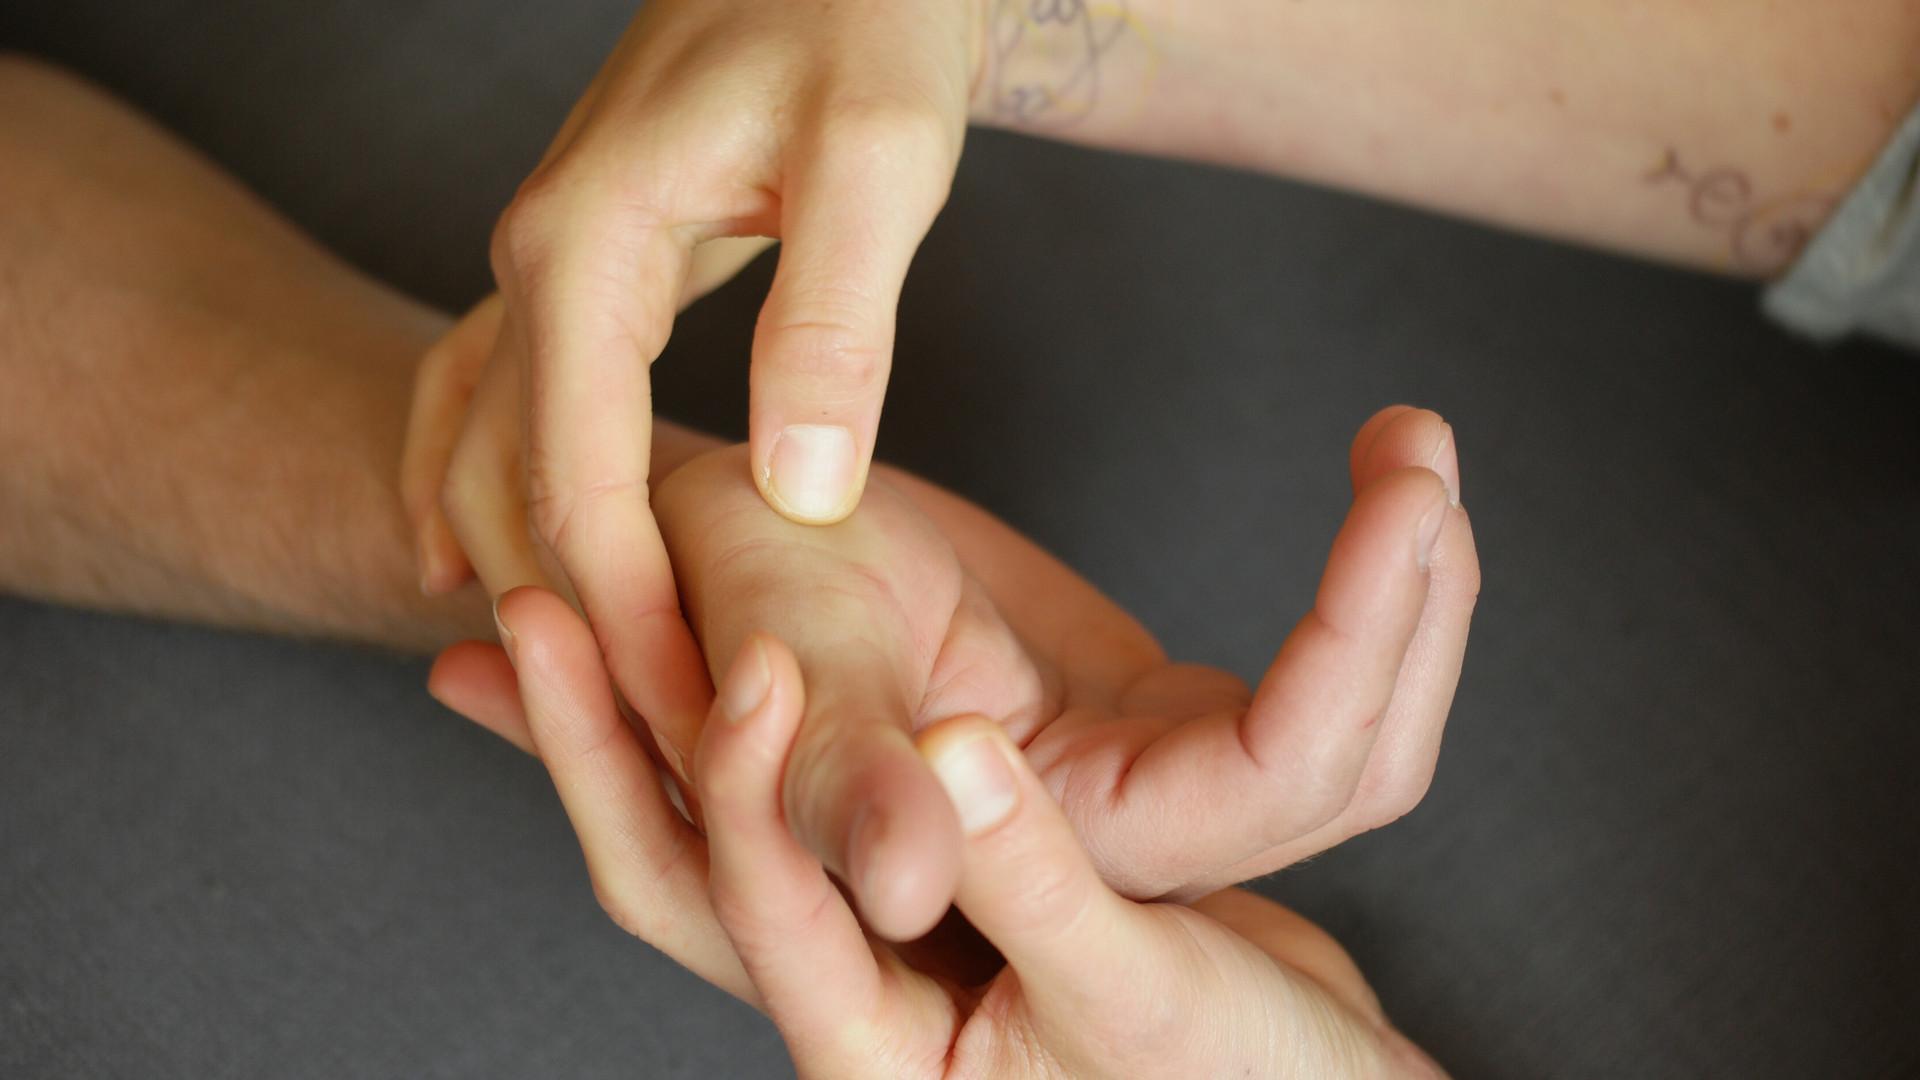 Handreflexzonen Therapie Fabienne Aia Maurer